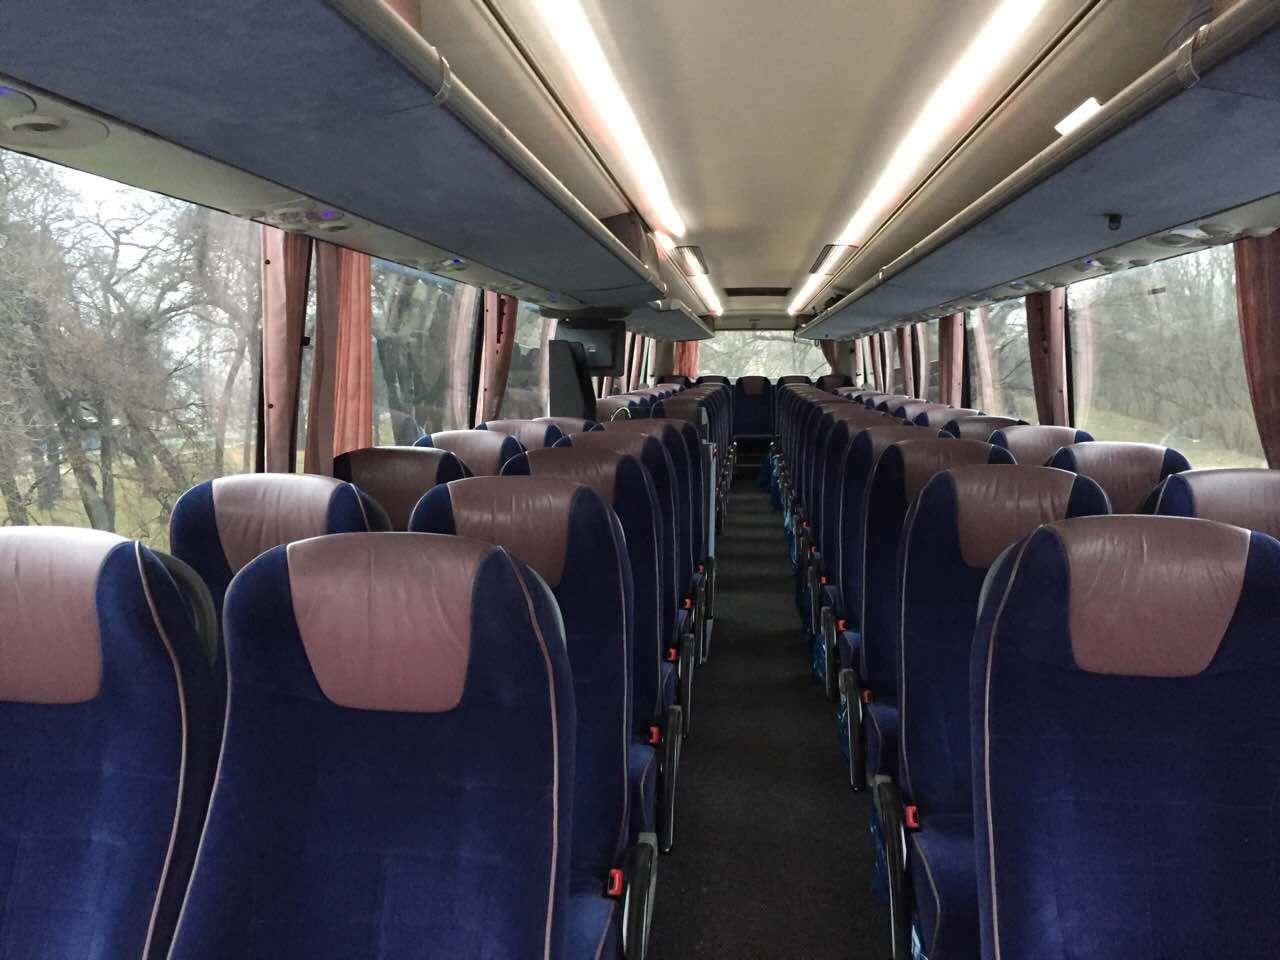 Iznajmljivanje Autobusa 59 + 2 Traveler Srbija Beograd